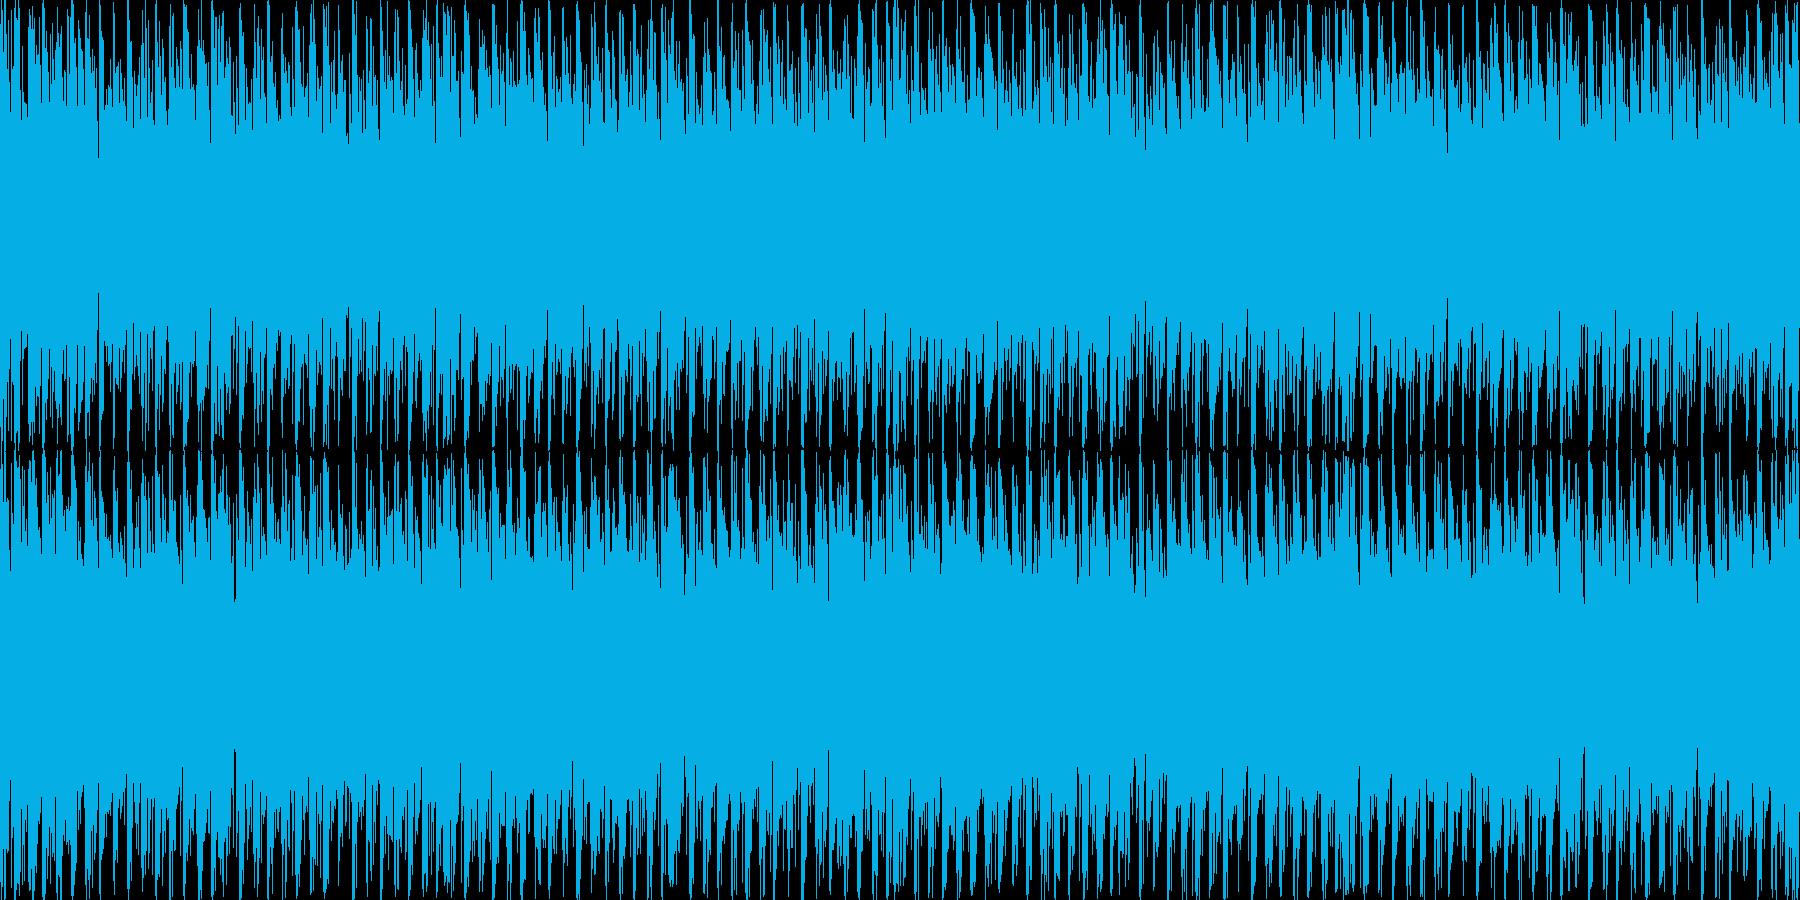 スタイリッシュで不穏な曲 ループ処理2の再生済みの波形